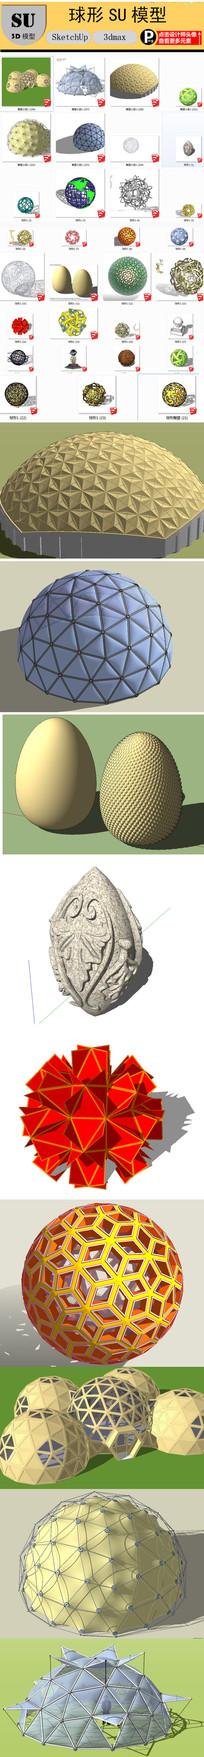 球形雕塑小品SU图大师模型